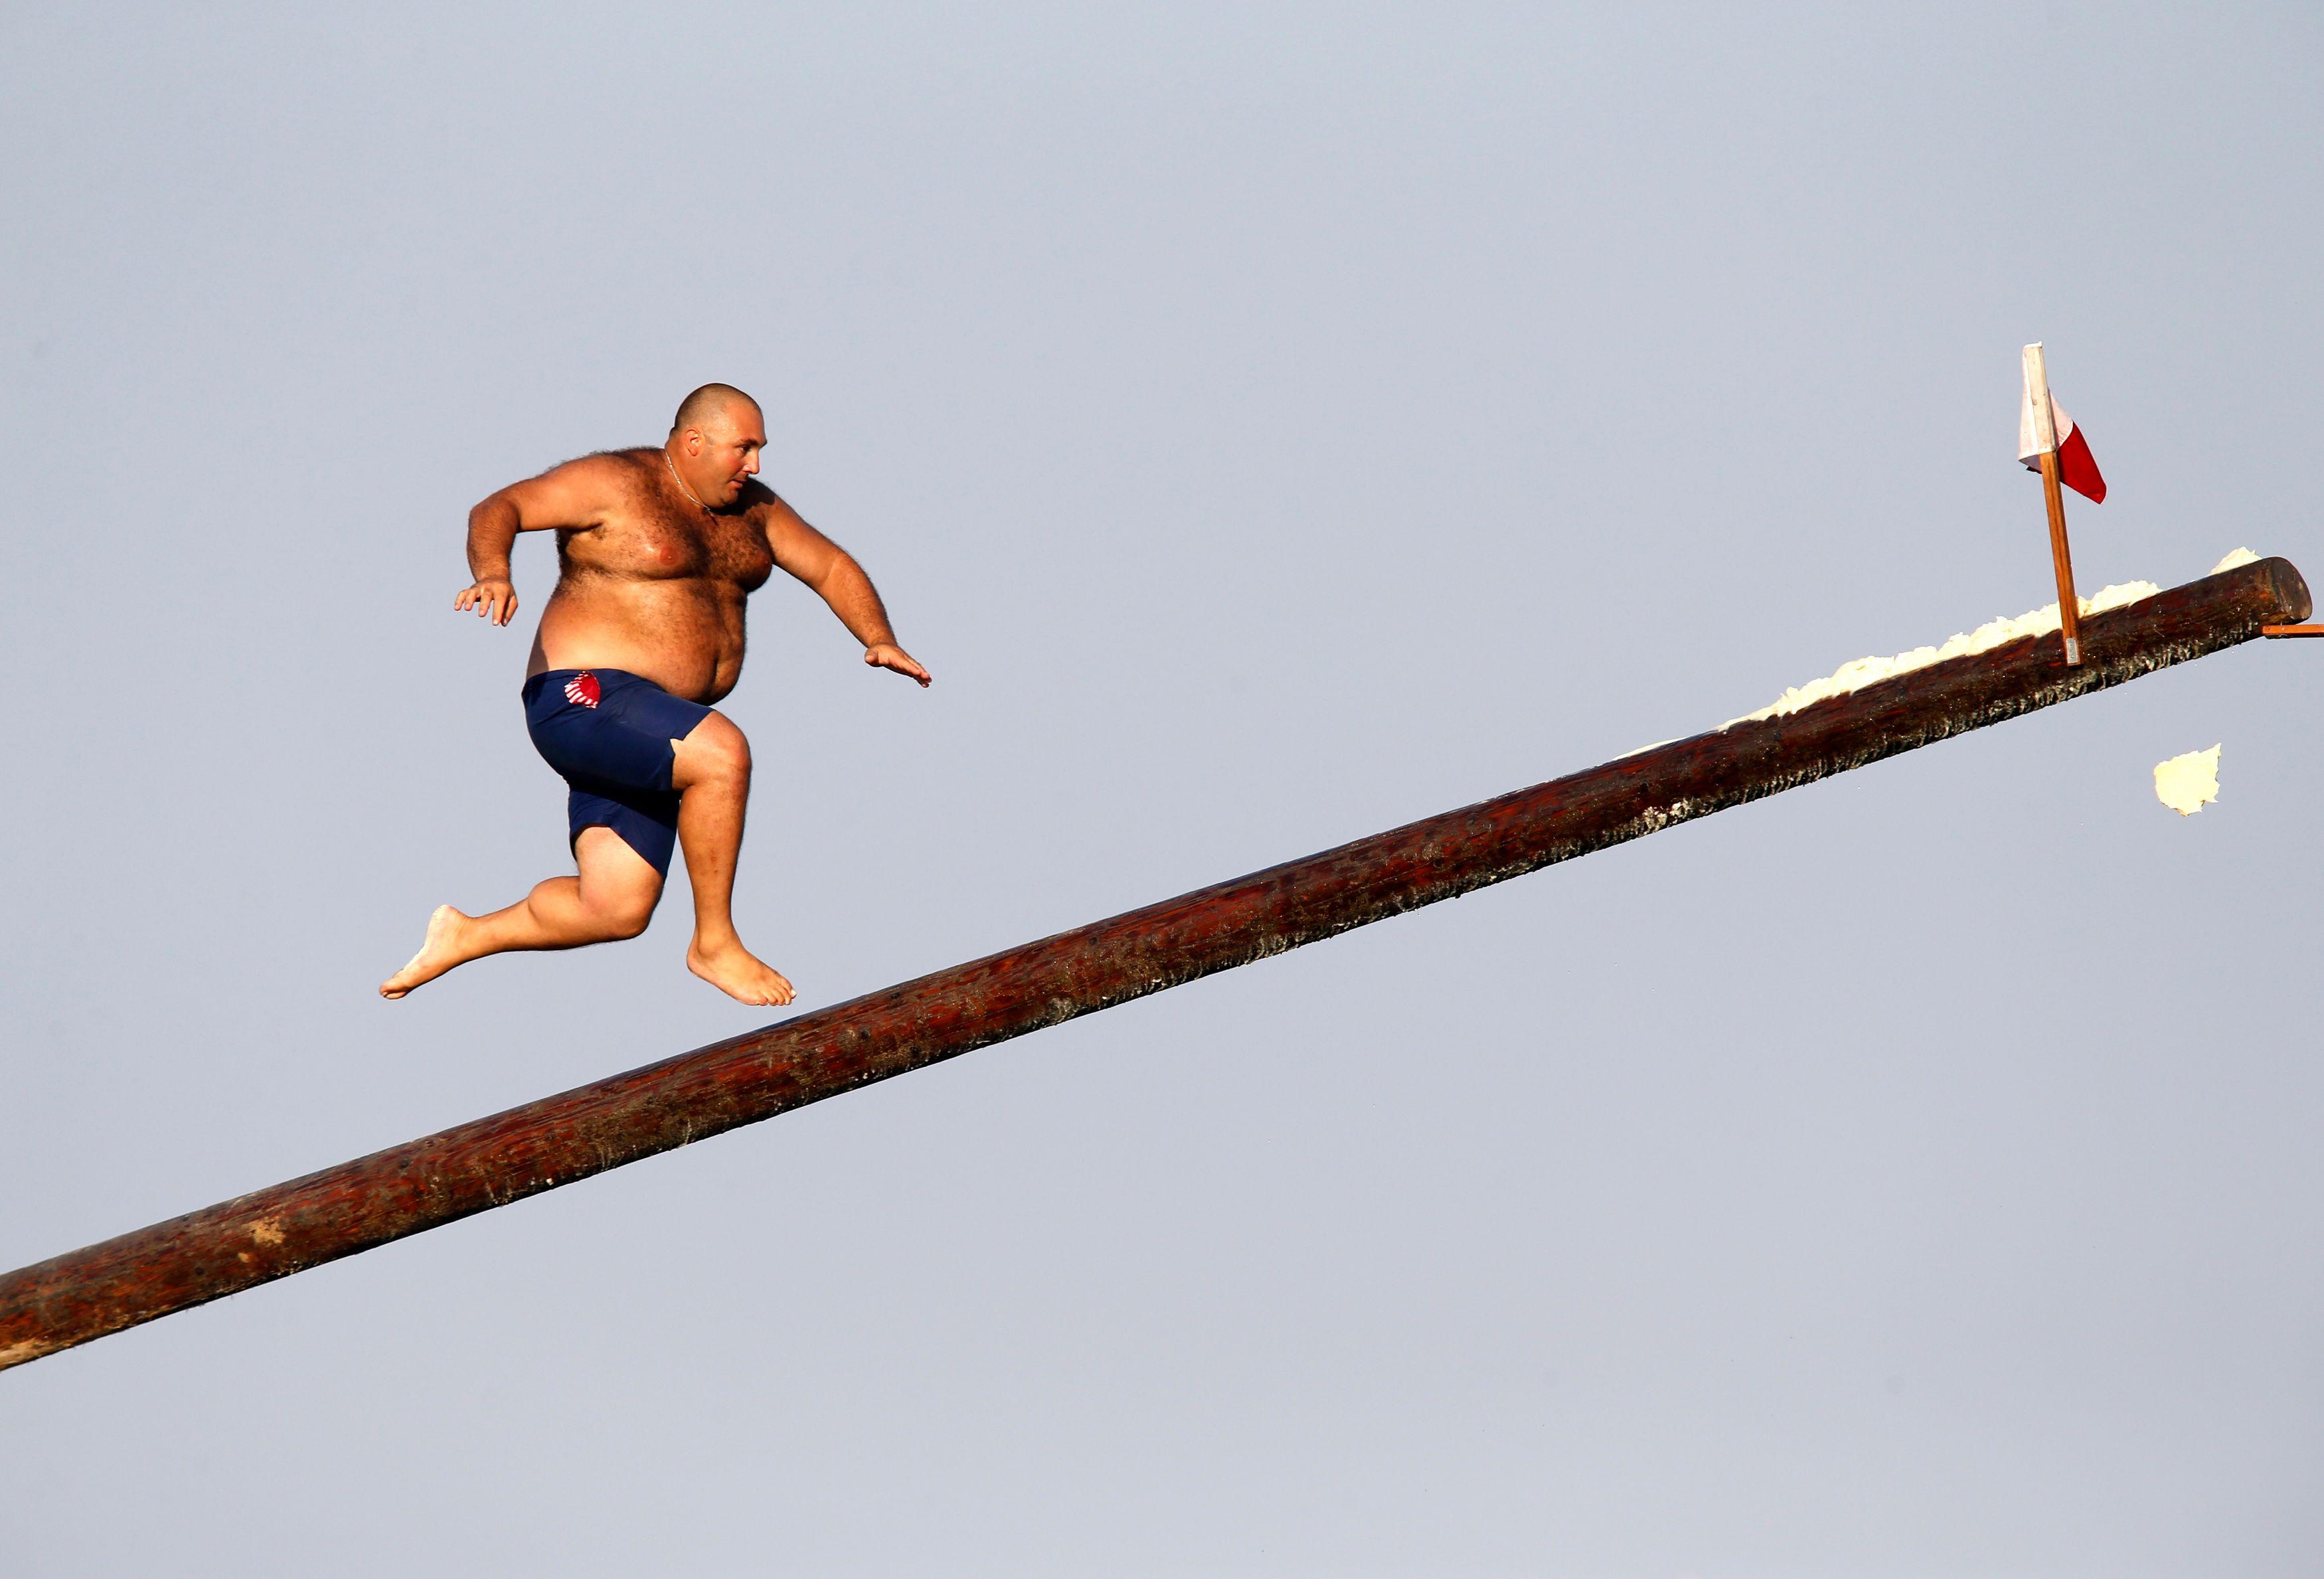 Si votre IMC indique un surpoids (résultat supérieur à 25), il est temps de faire de l'exercice.